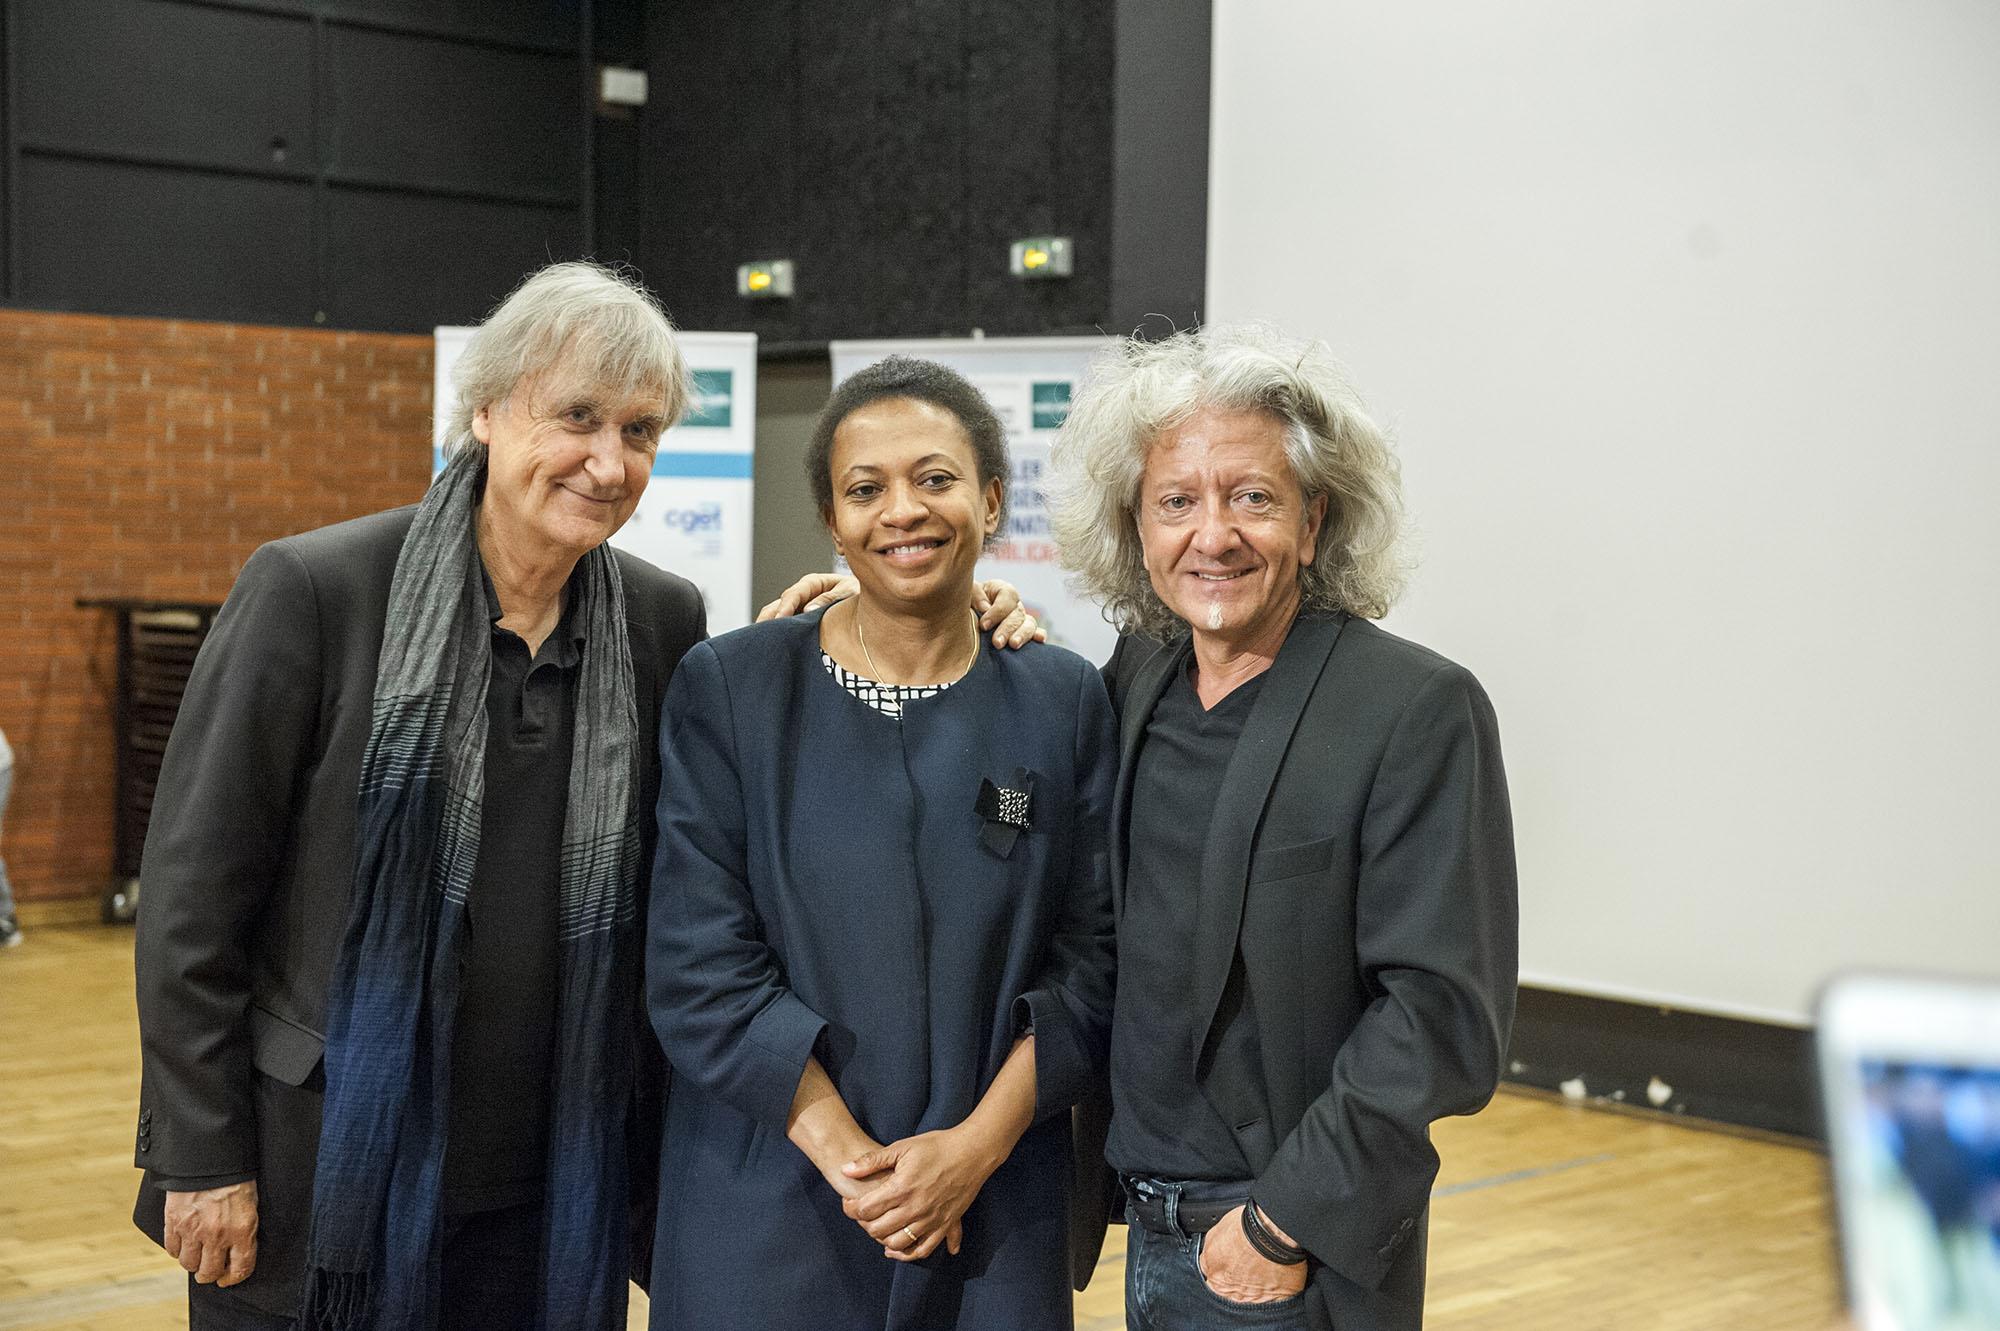 Hélène Geoffroy, maire de Vaulx en Velin, Plantu (France) et Kristian (France) – Photo : Thierry Chassepoux